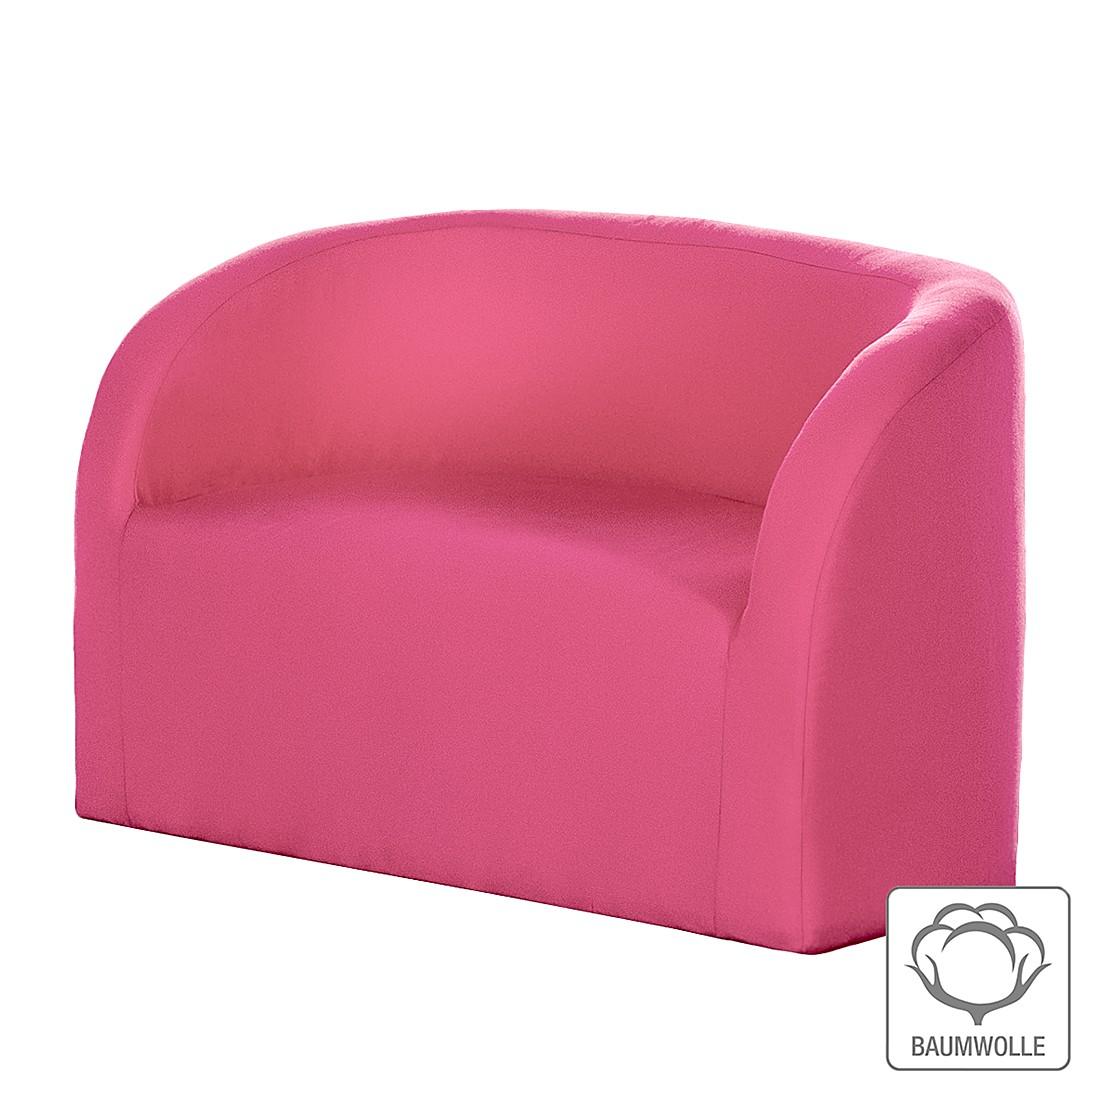 Sofa Emilia – Baumwollstoff Pink, Kids Club Collection jetzt kaufen